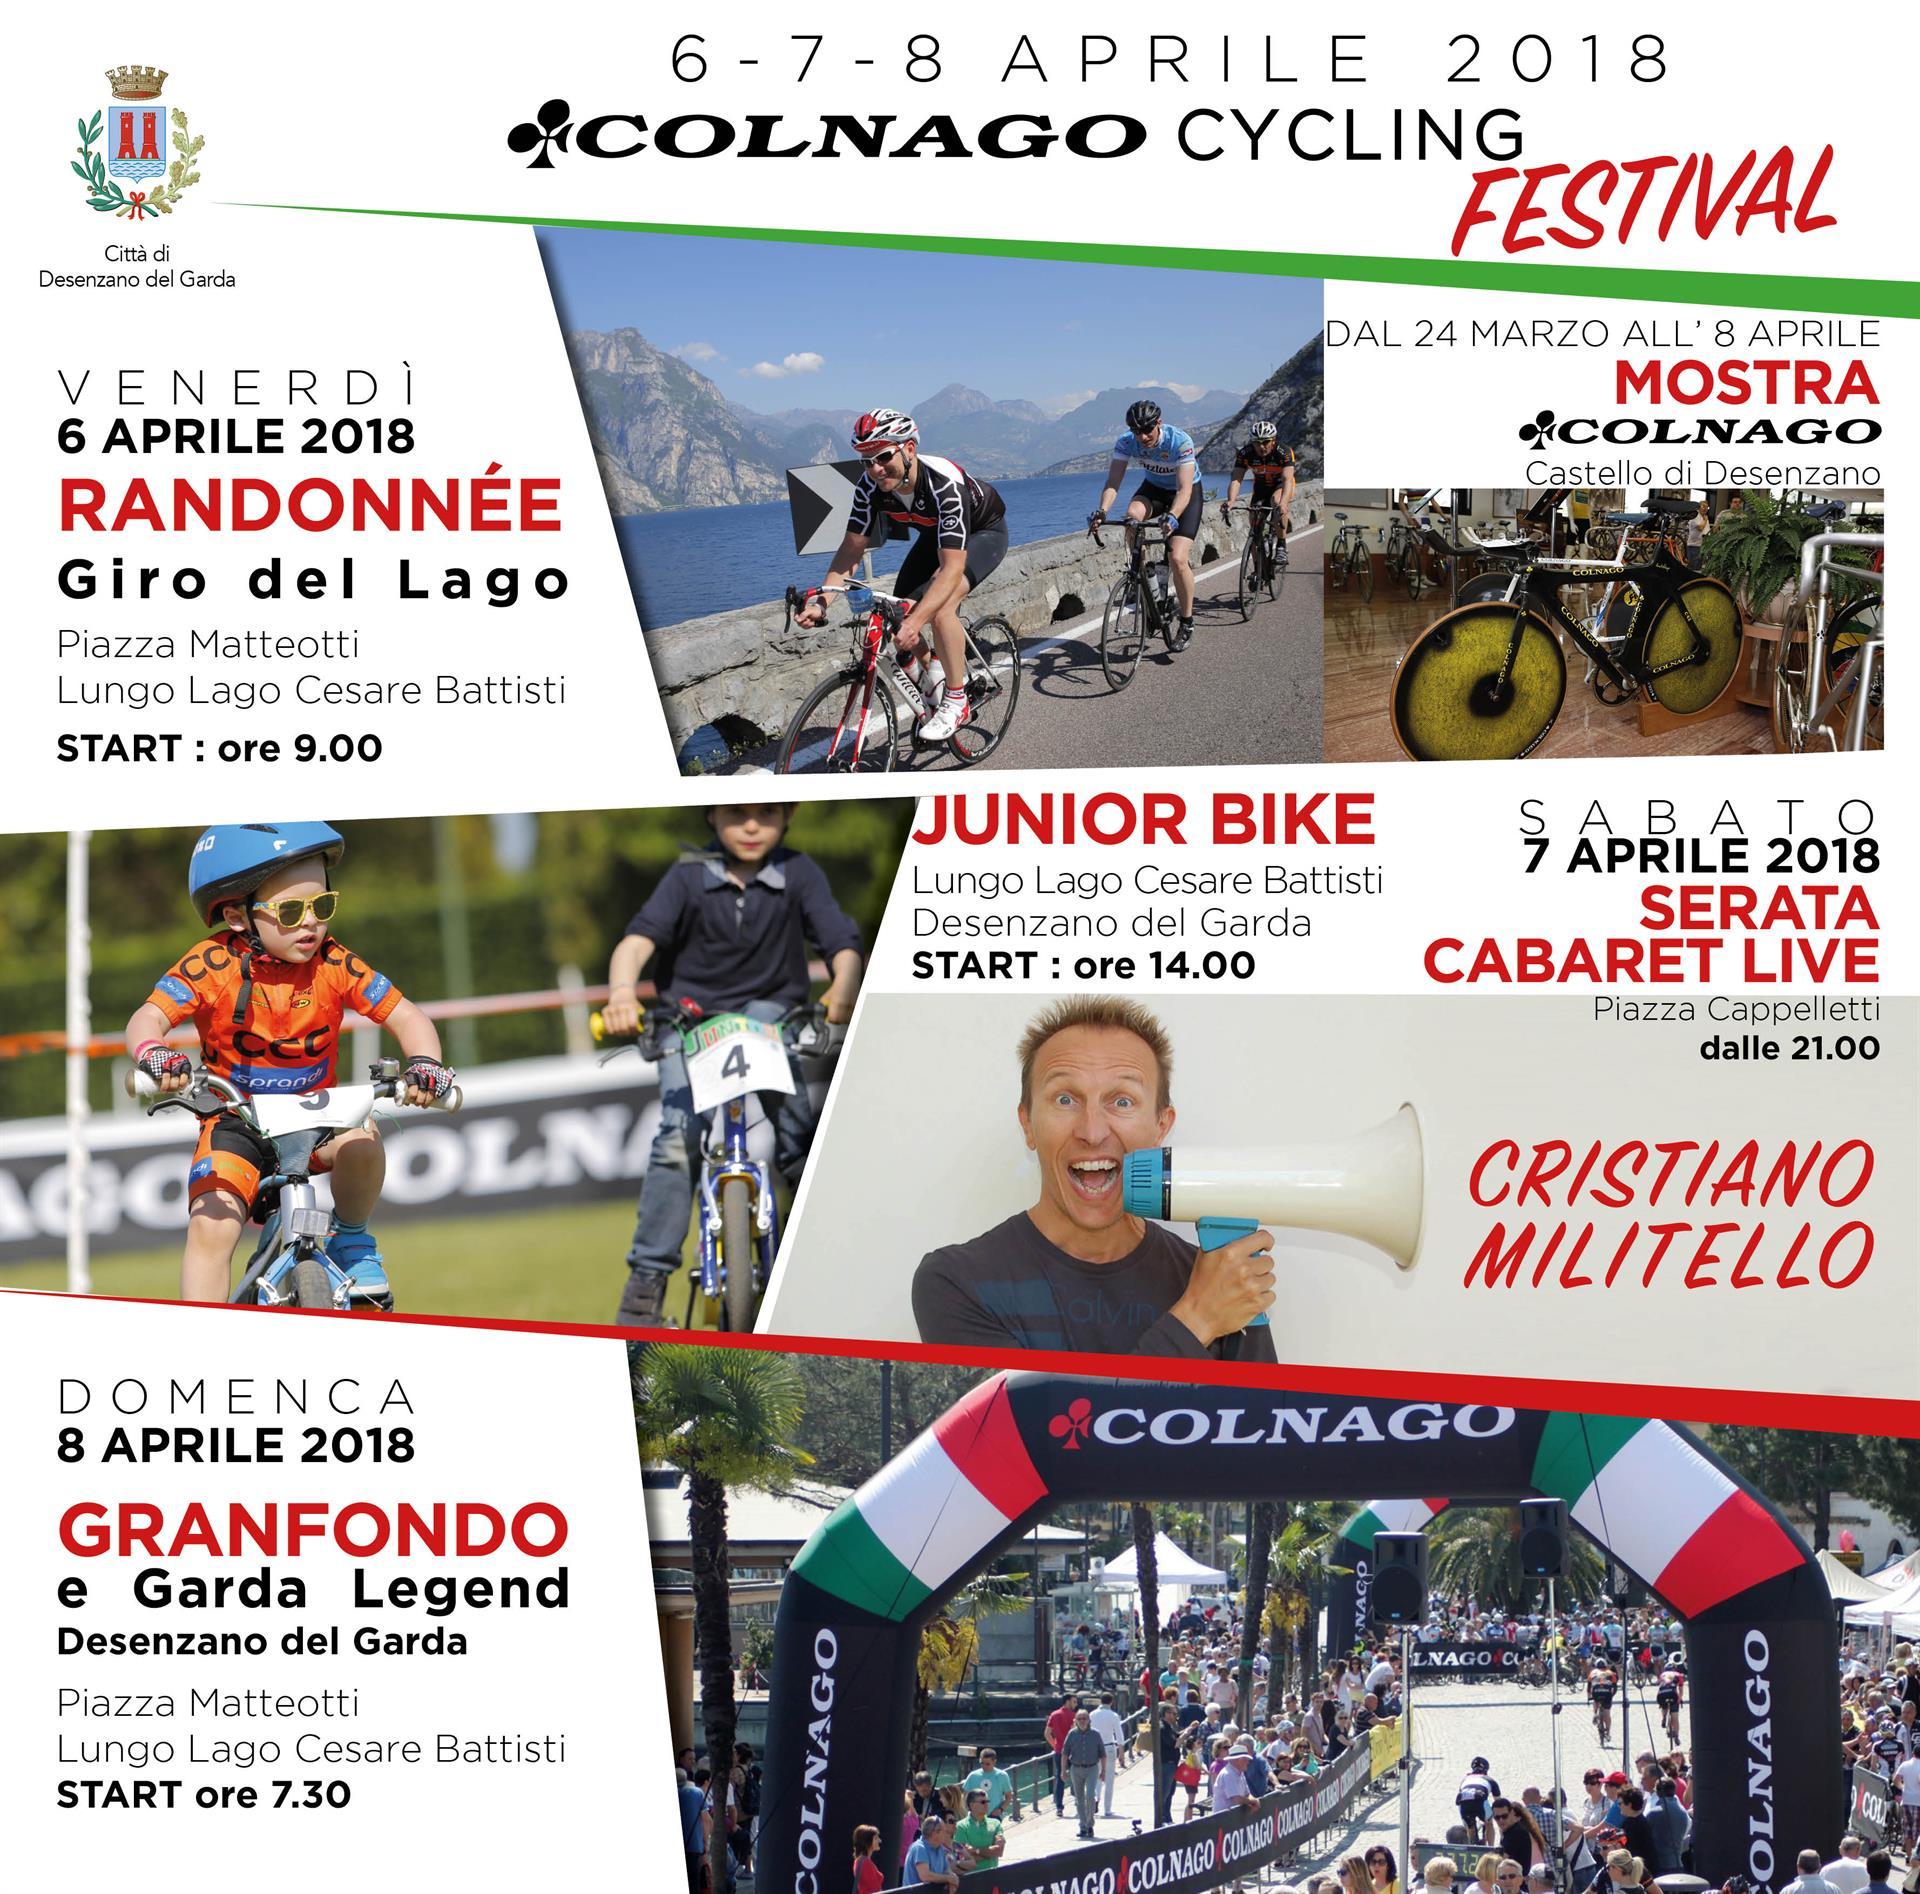 ULTIMA CORSA PER IL COLNAGO CYCLING FESTIVAL